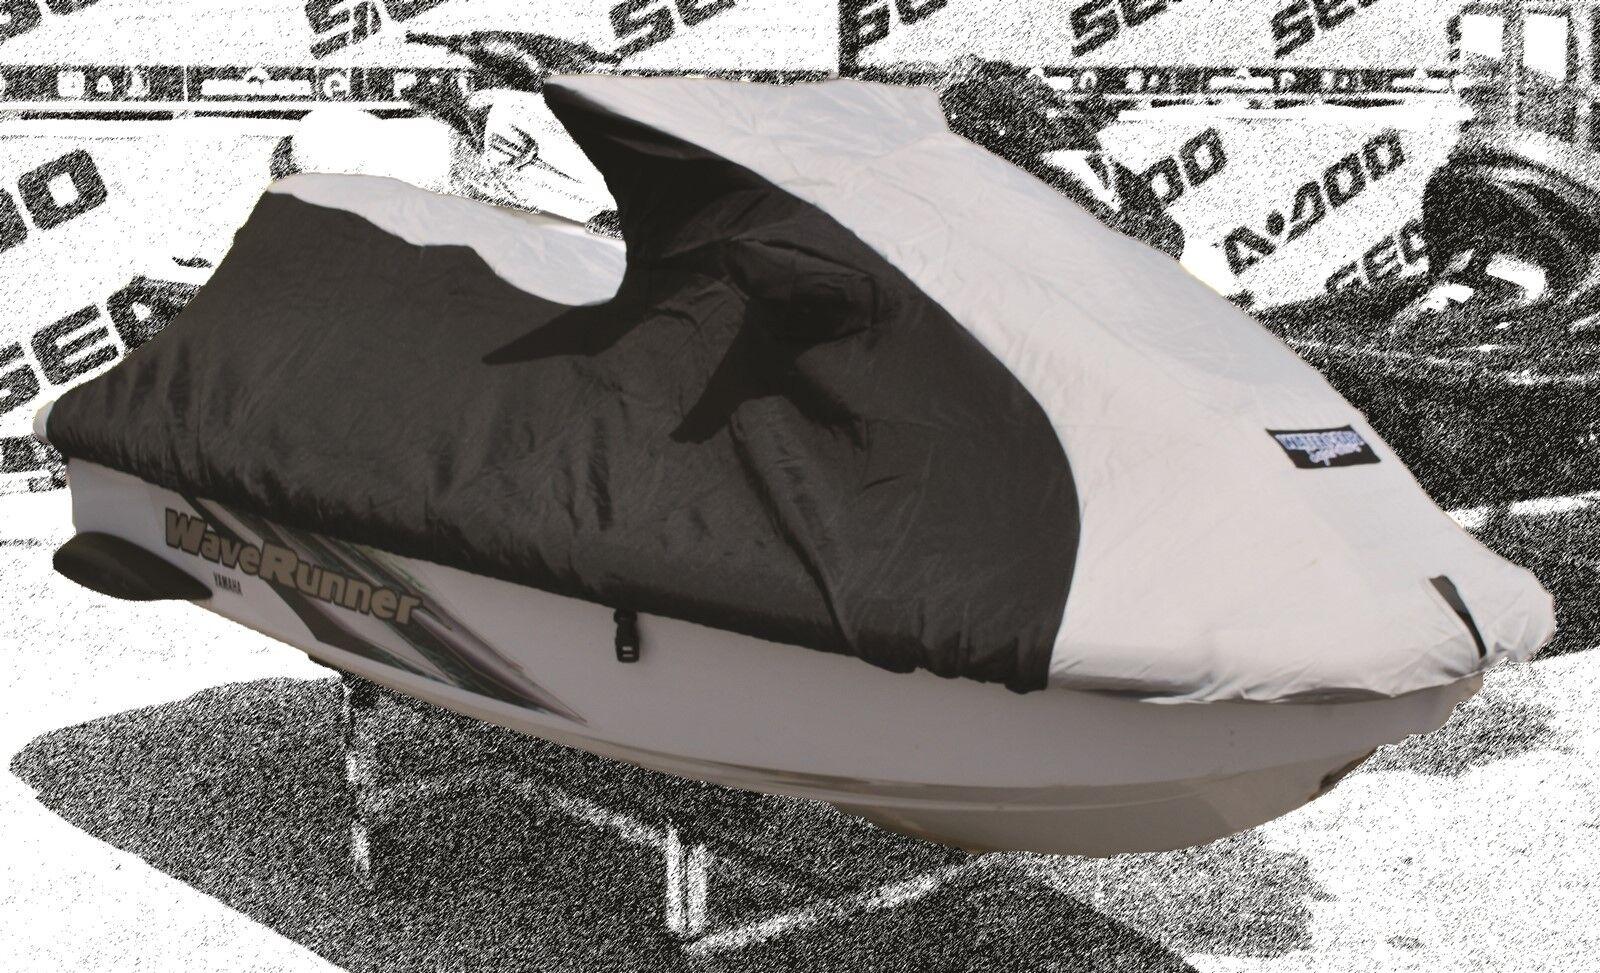 Yamaha Jet Ski Storage Cover 1999-2004 XL 700 1998 1999 XL 760 1998 XL 1200